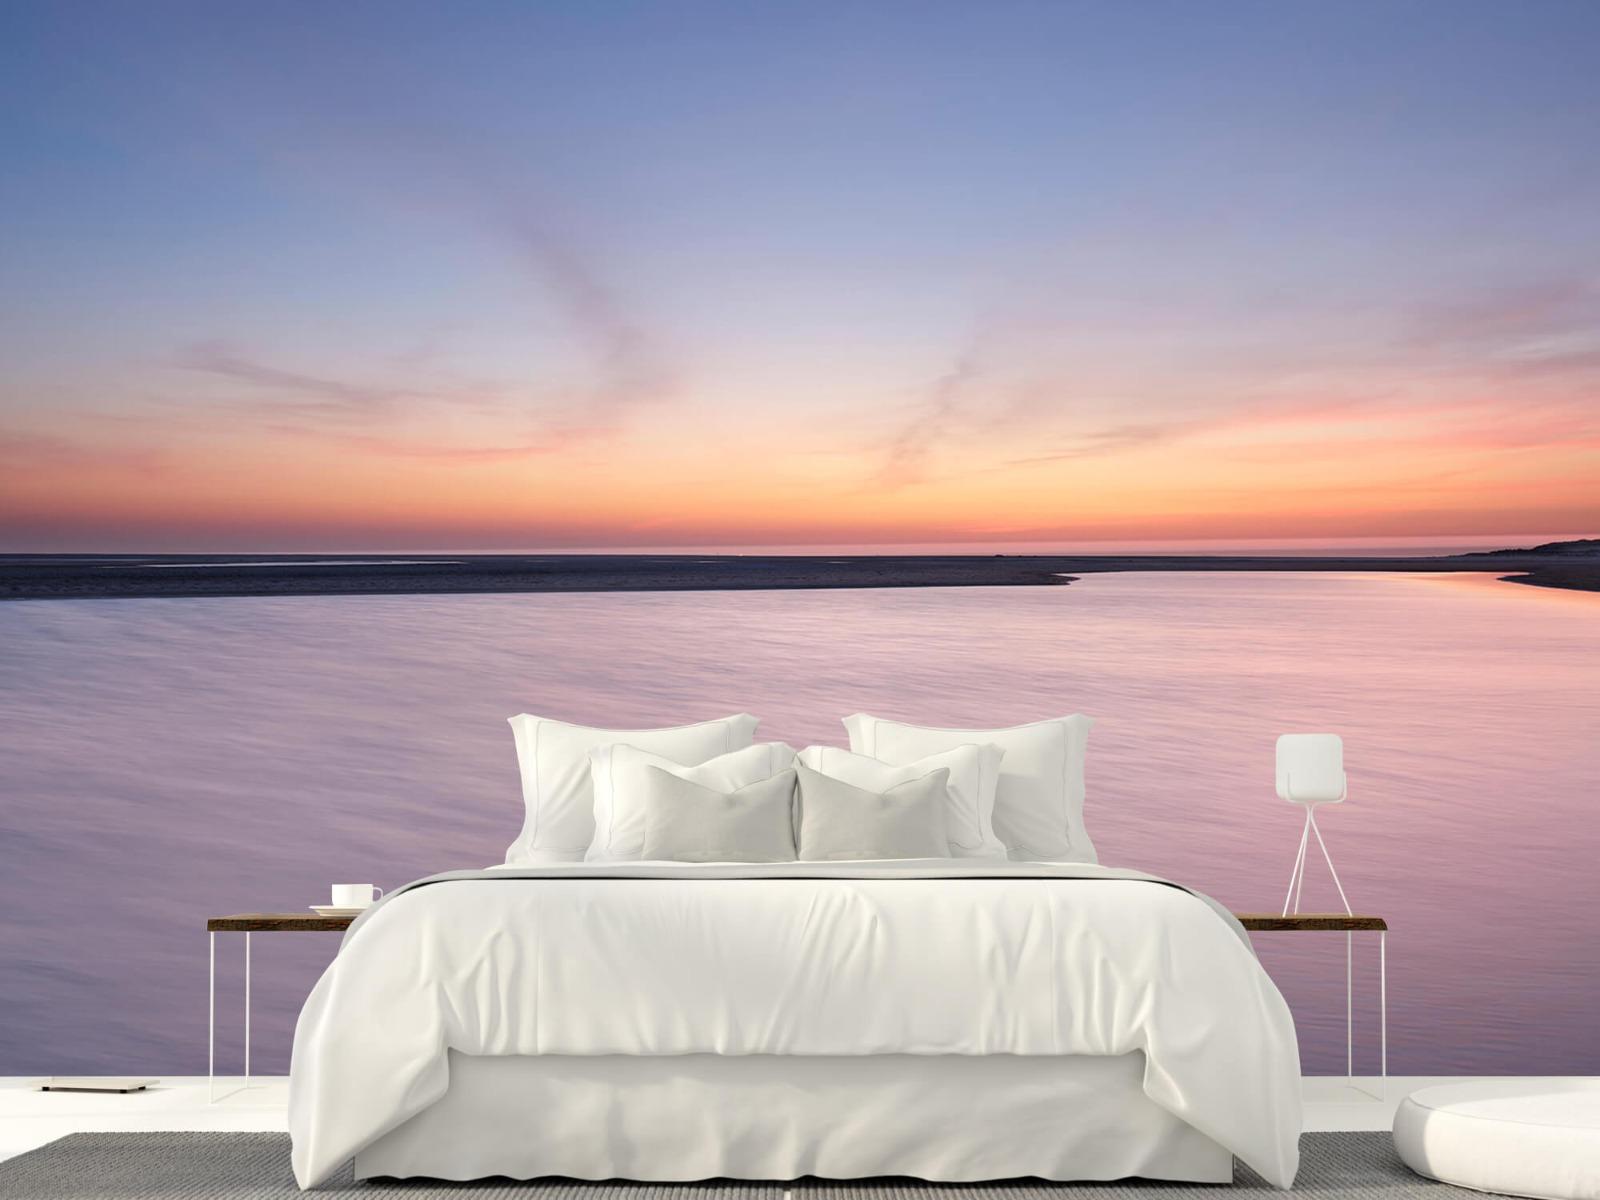 Zeeën en Oceanen - Zonsondergang aan zee - Slaapkamer 23